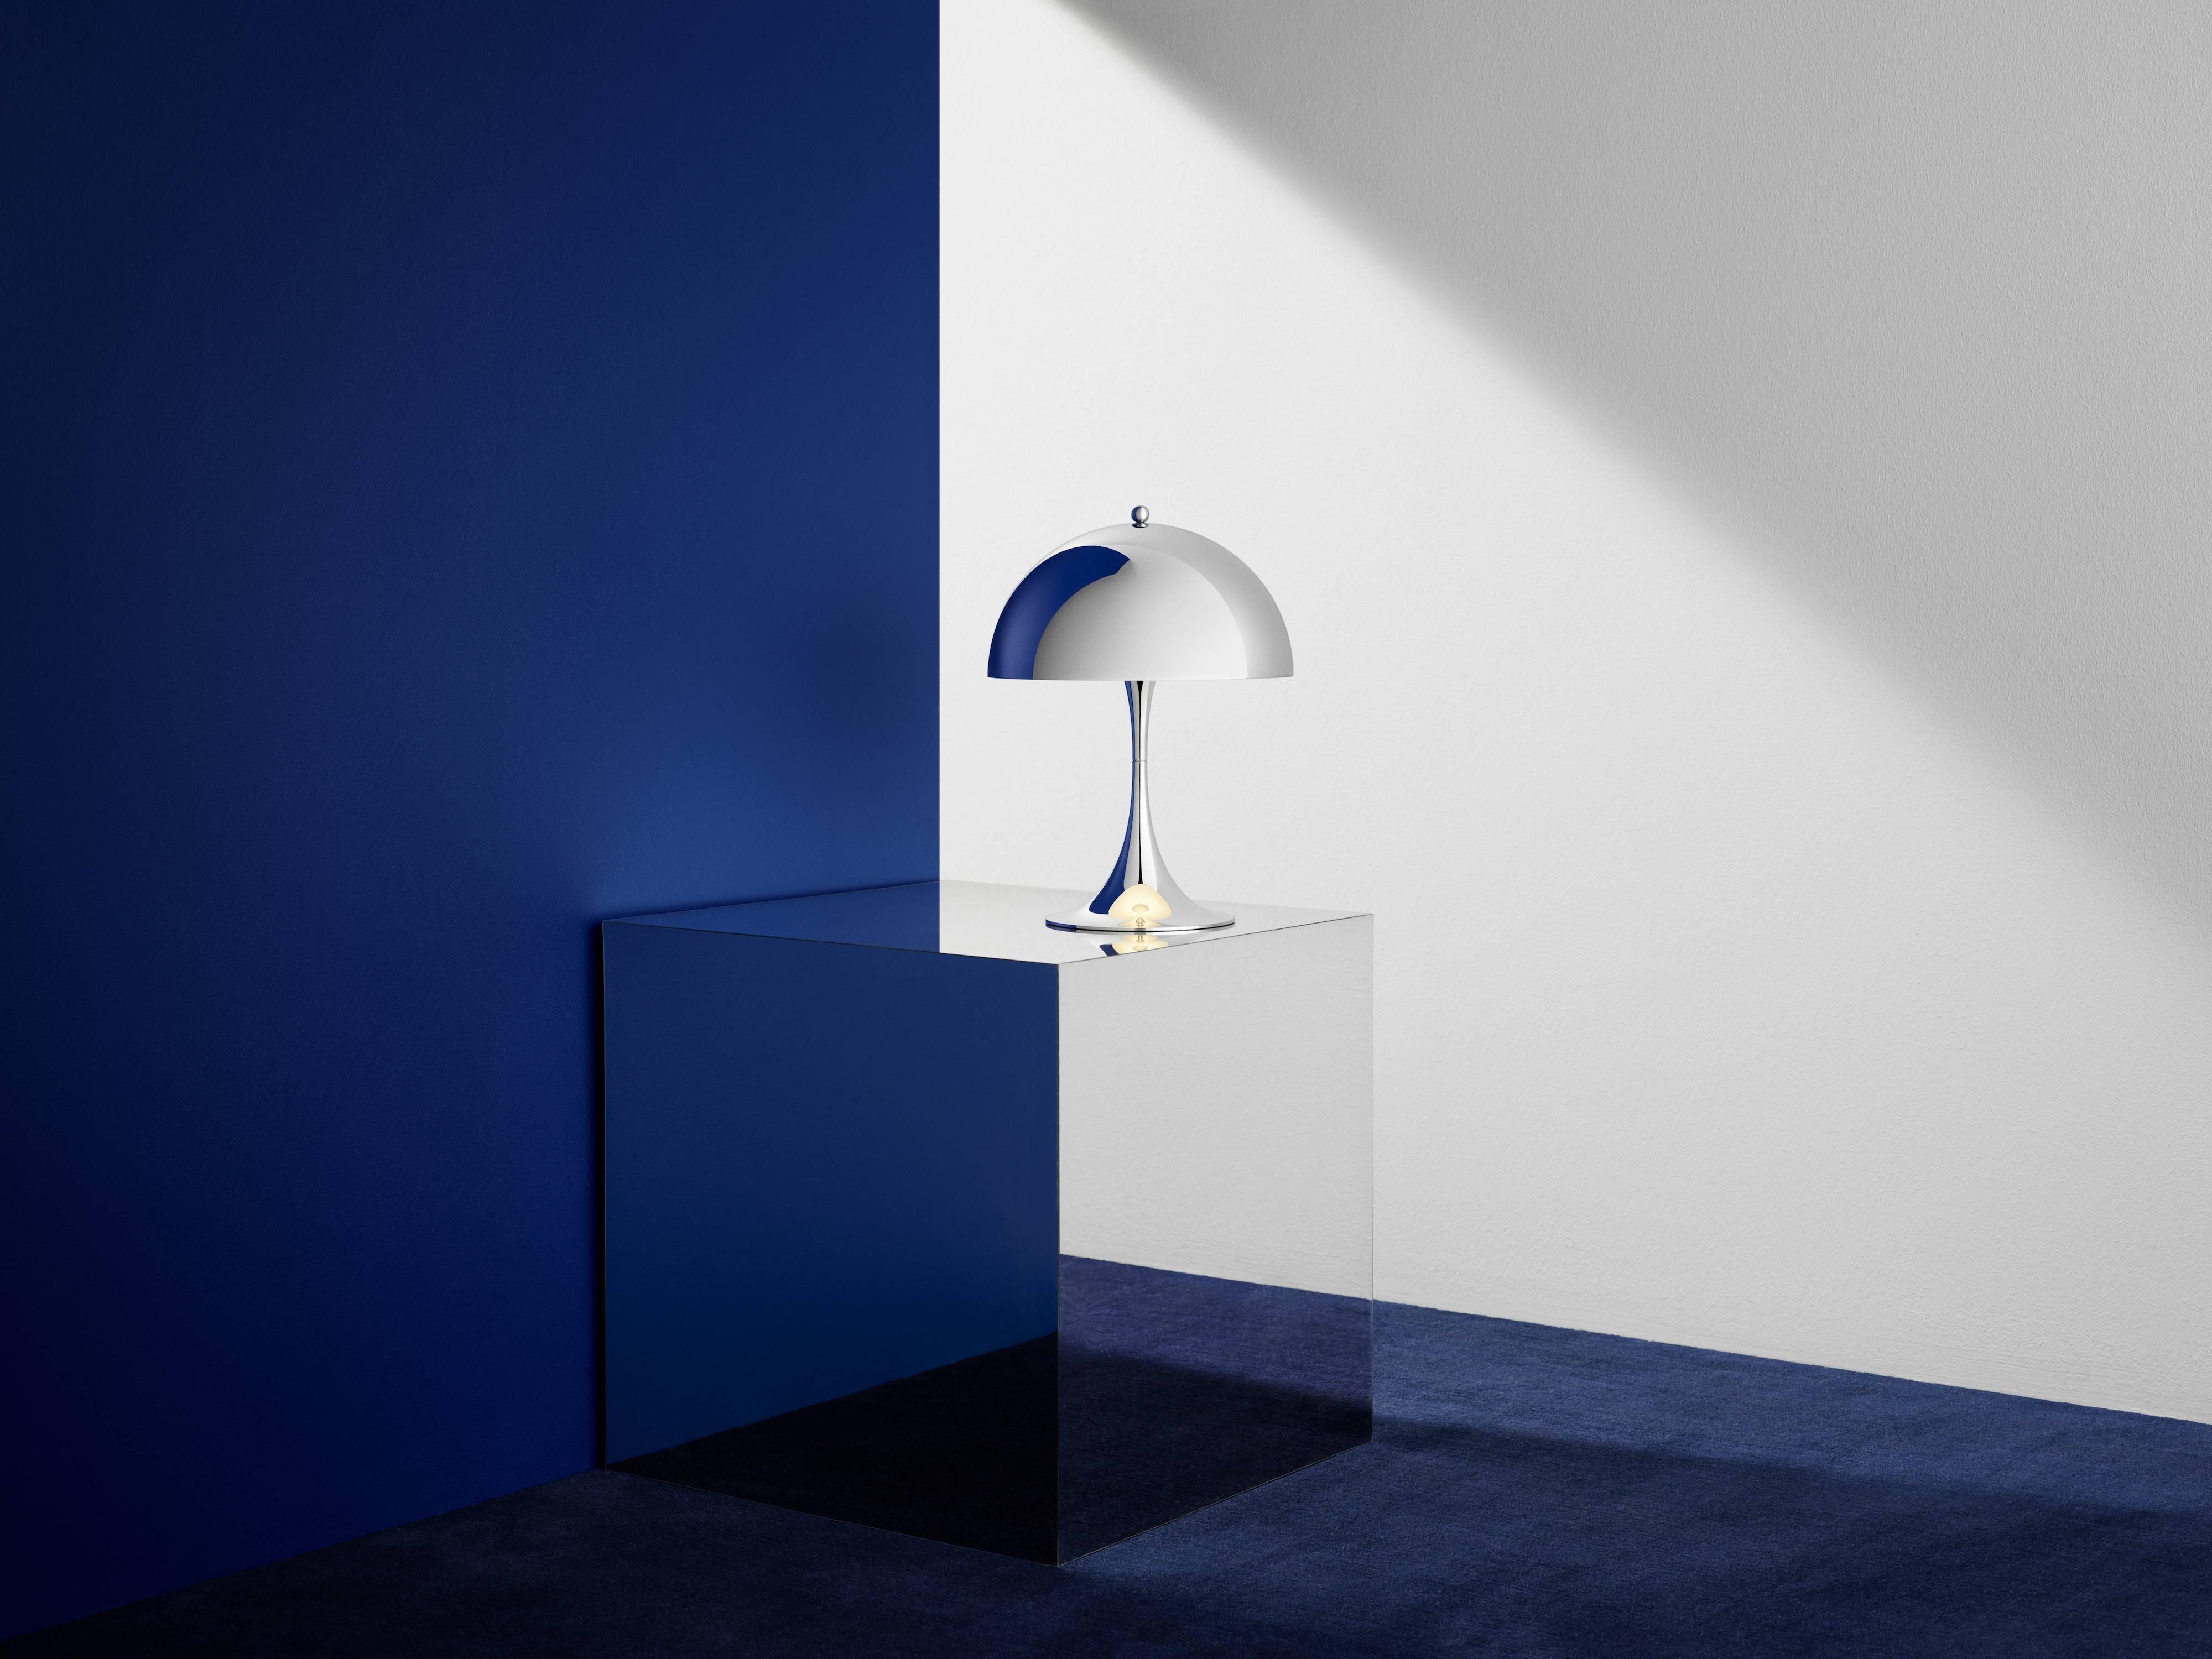 Verner Panton U0027Panthella Miniu0027 Table Lamp In Chrome For Louis Poulsen. The  Panthella